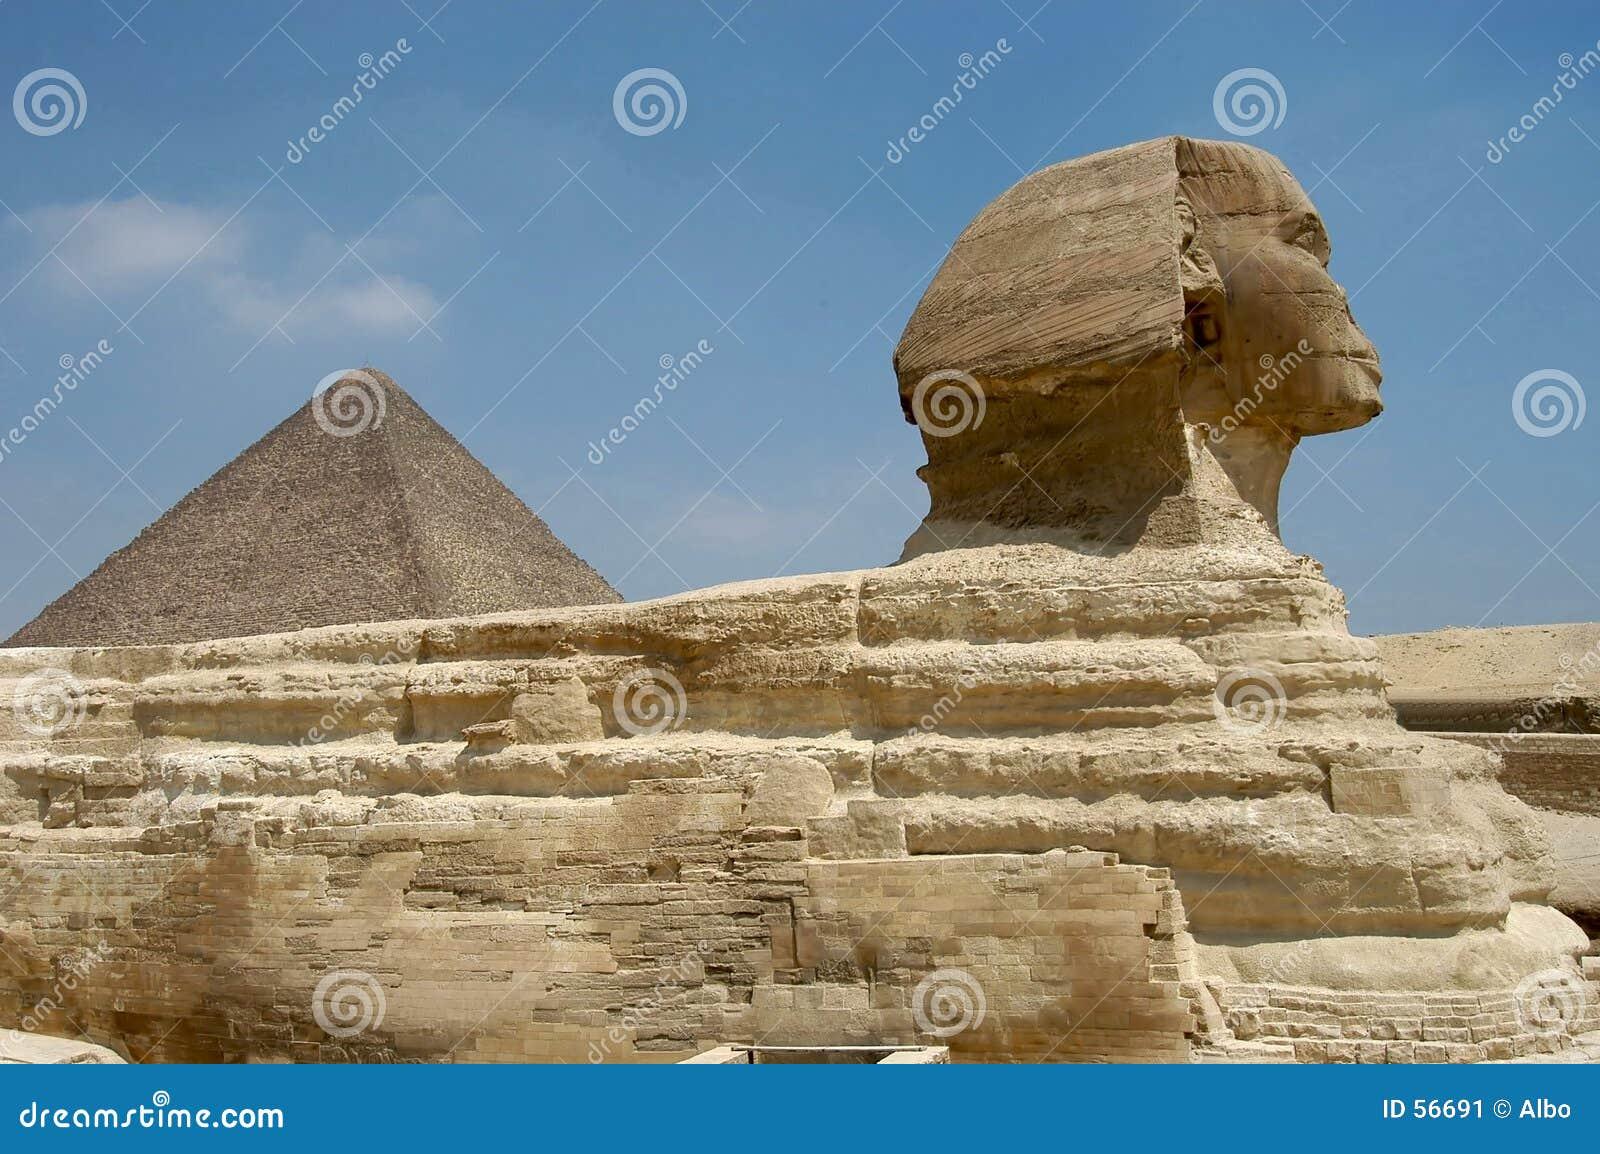 Pirámide de Micerino y el Sphynx